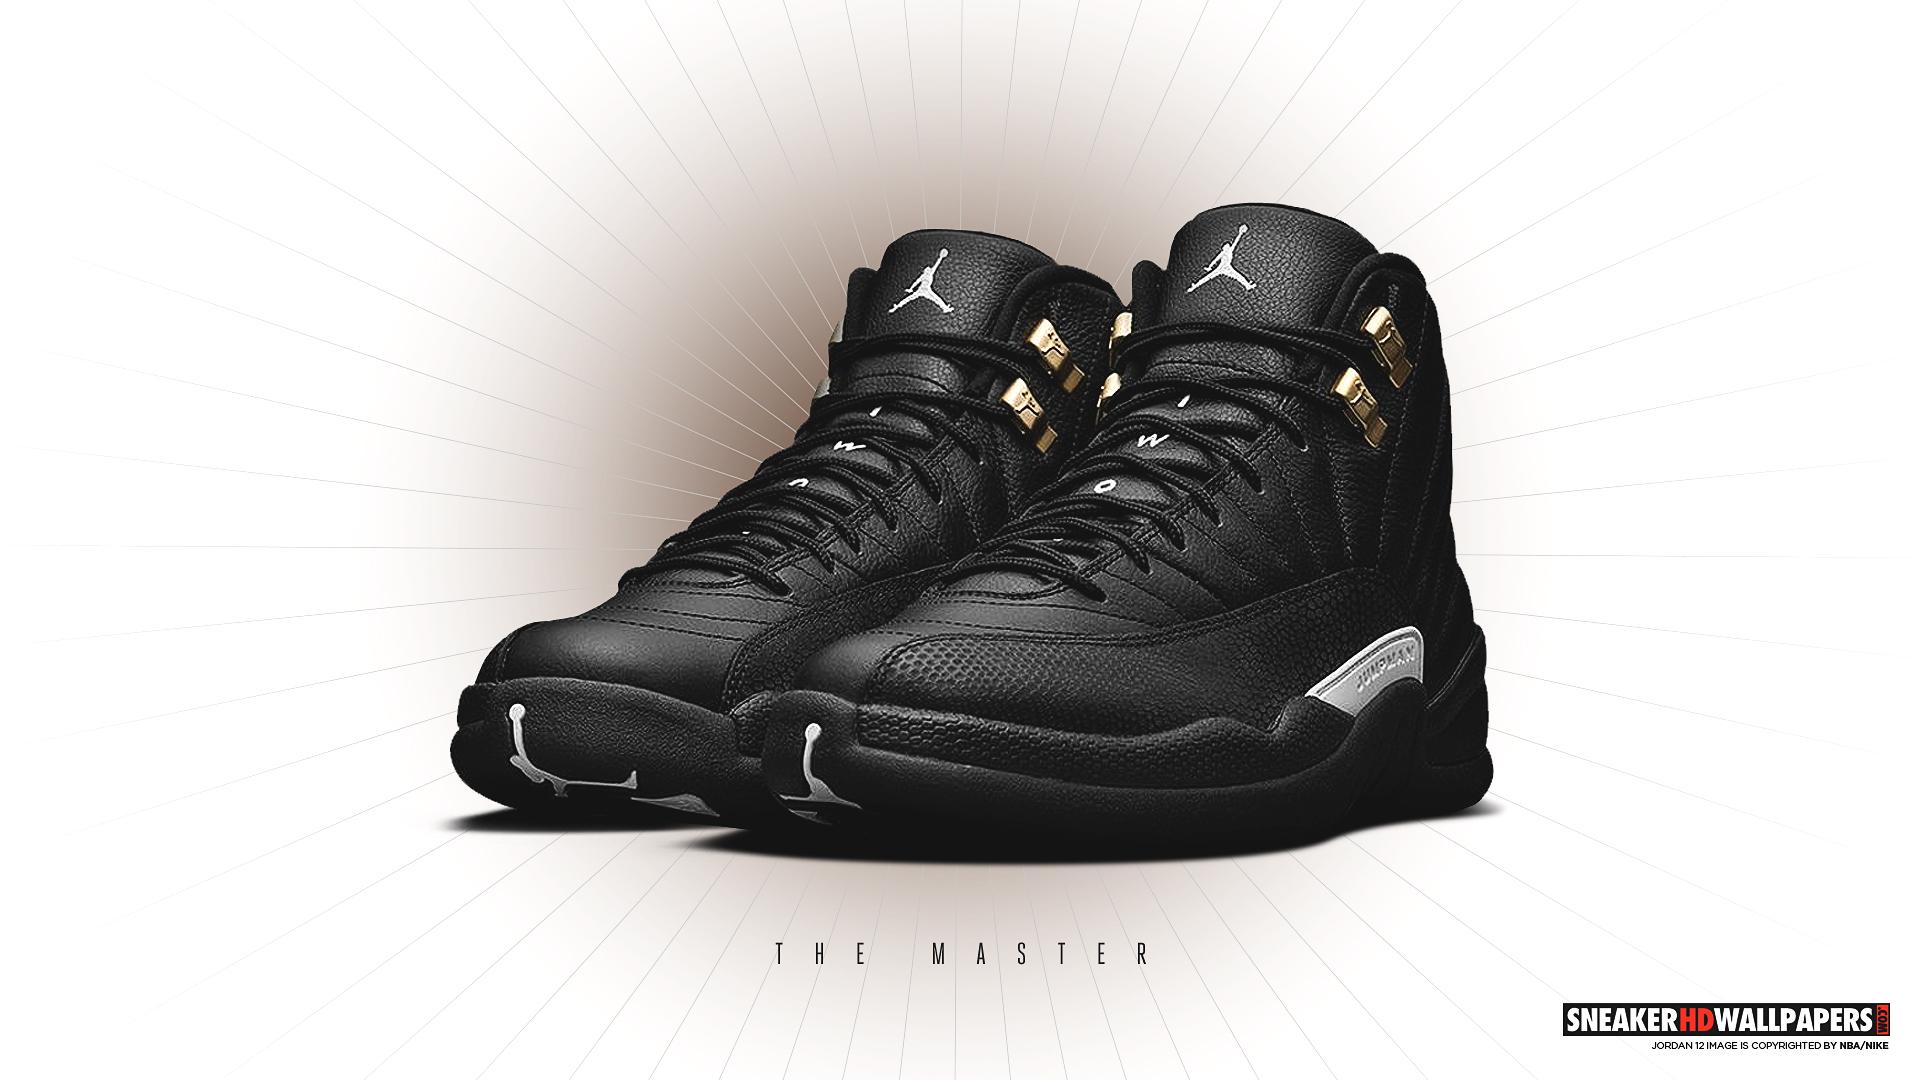 Download link: Air Jordan 12 The Master HD wallpaper